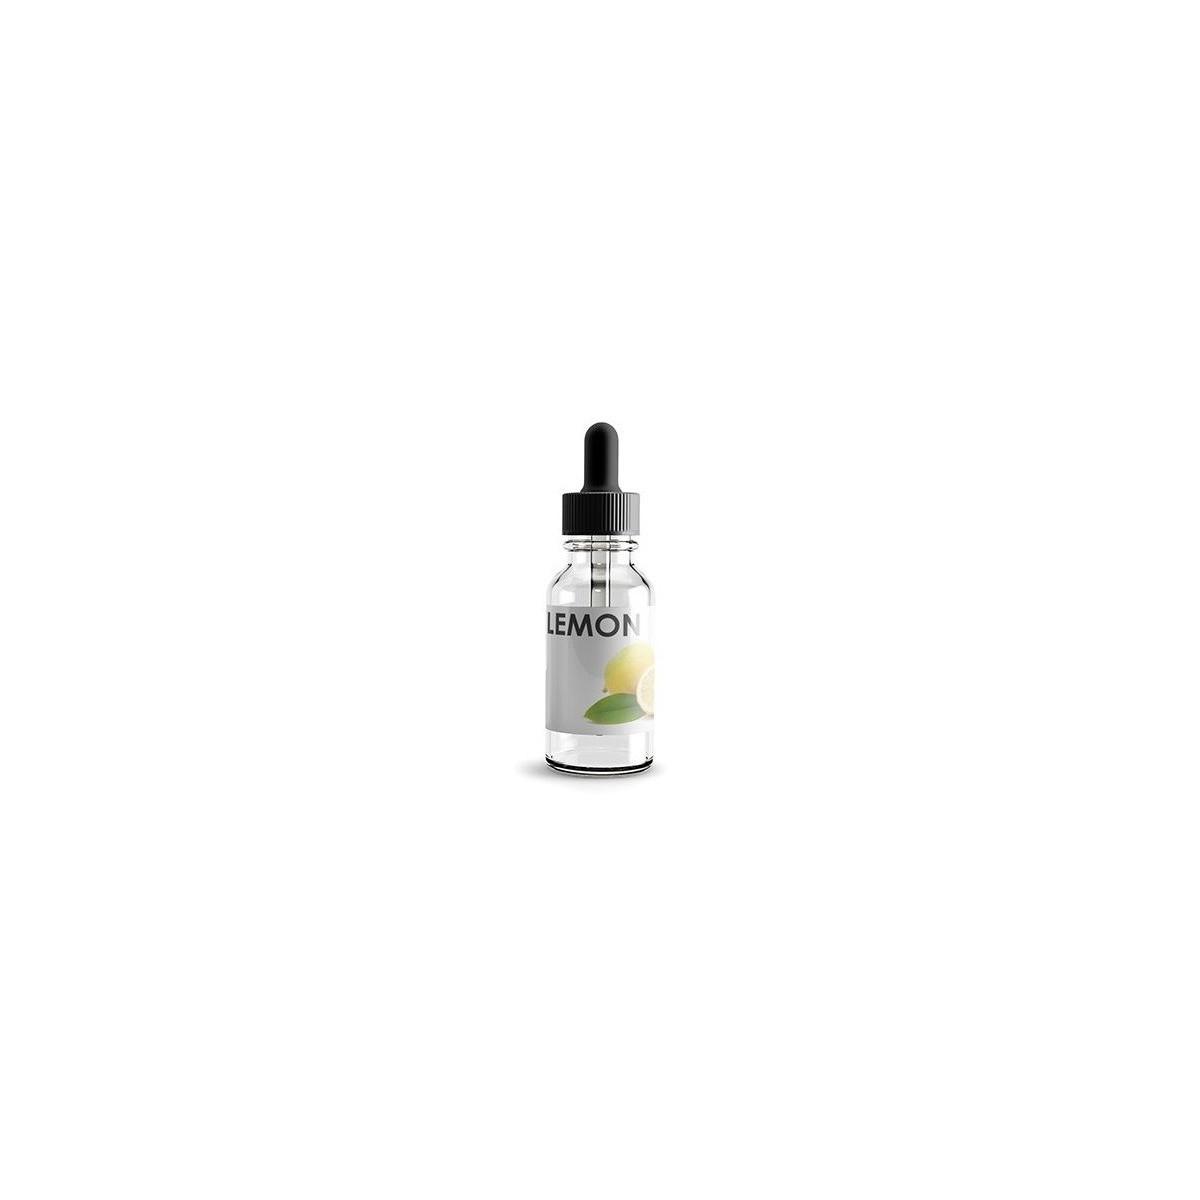 Lemon  -  Aroma Concentrato  Delixia 10 ml